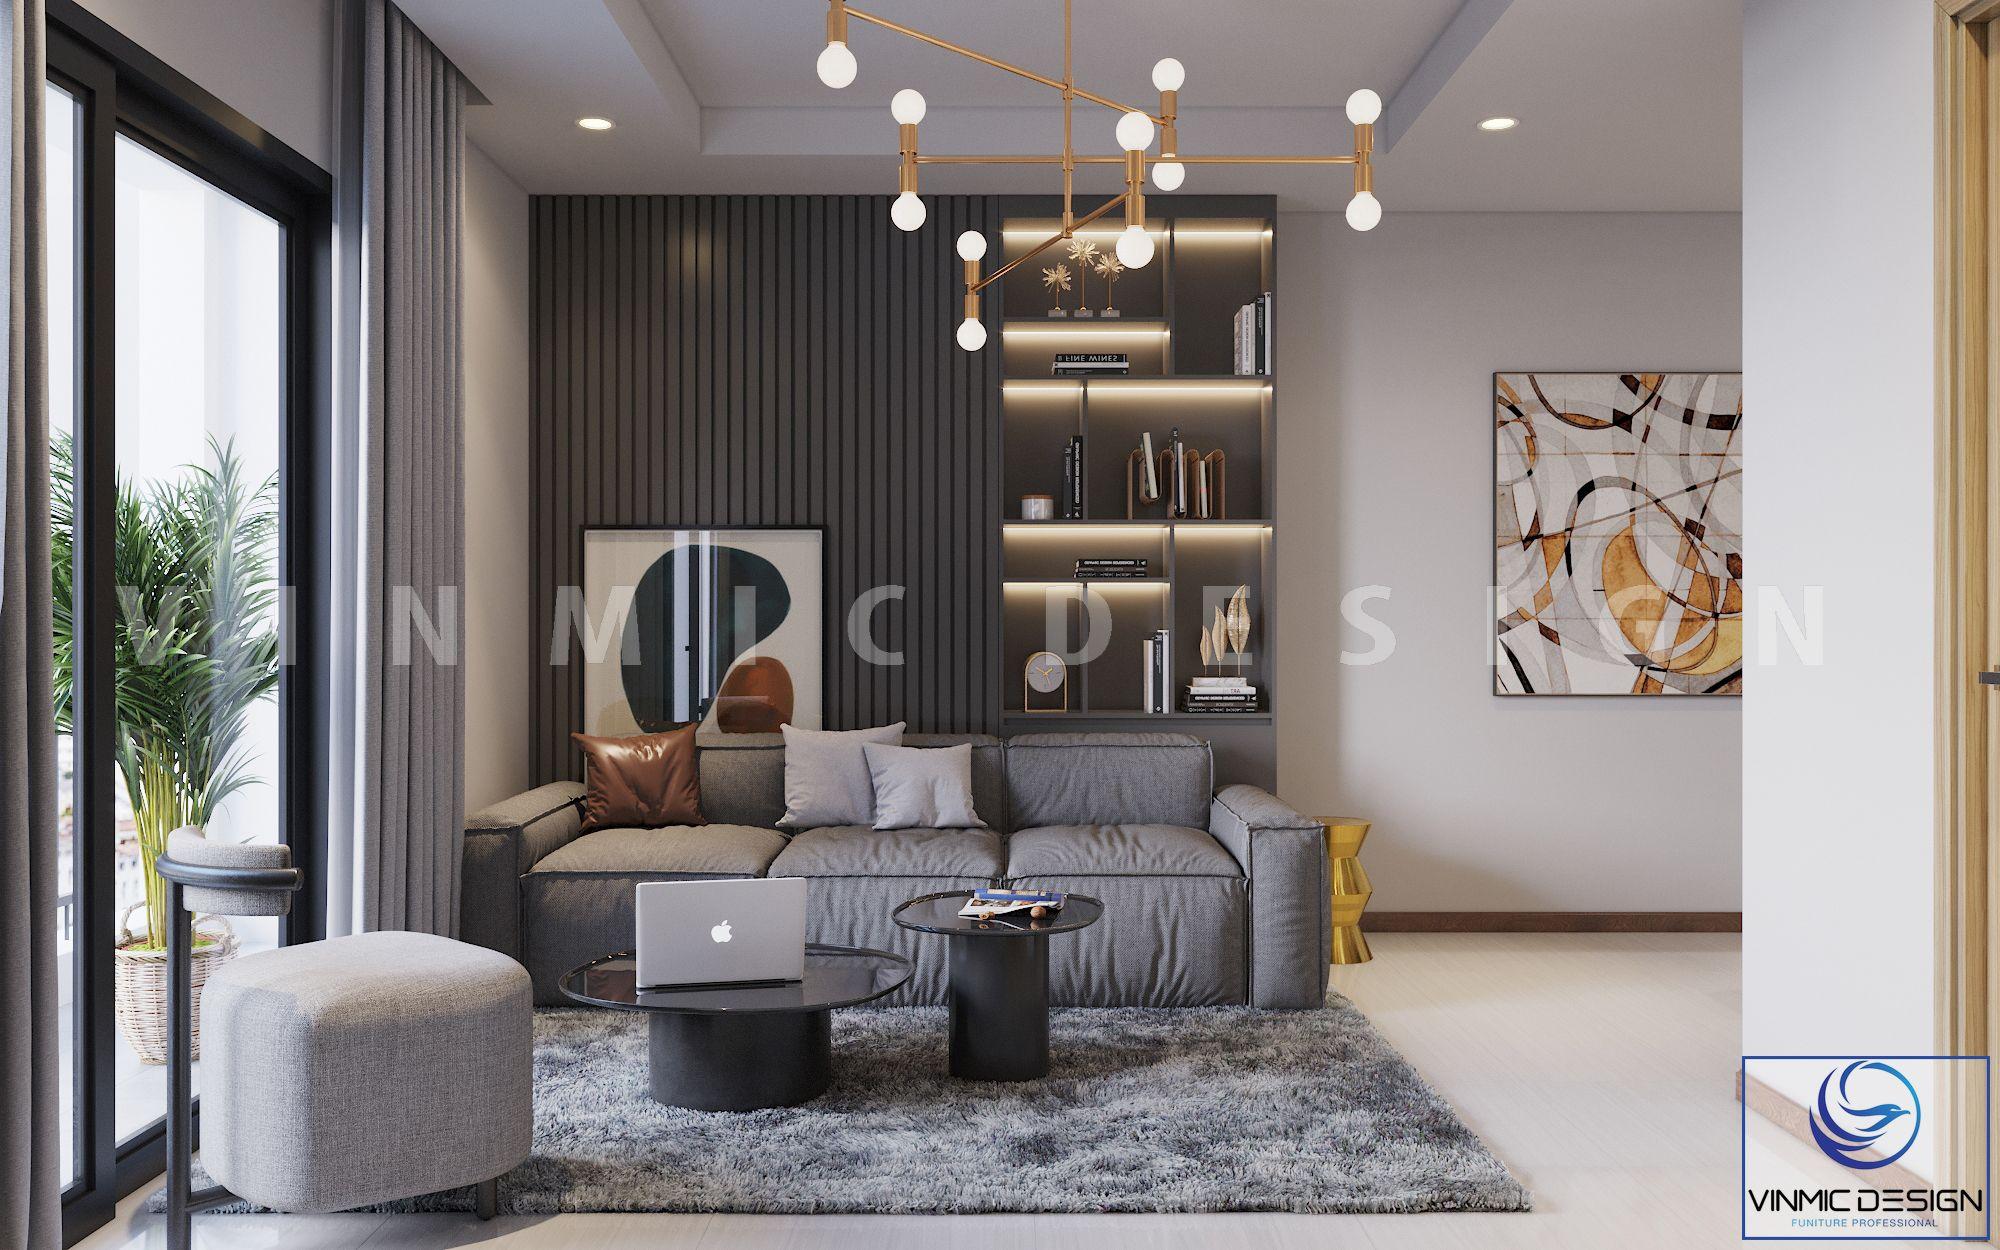 Không gian phòng khách được thiết kế đơn giản